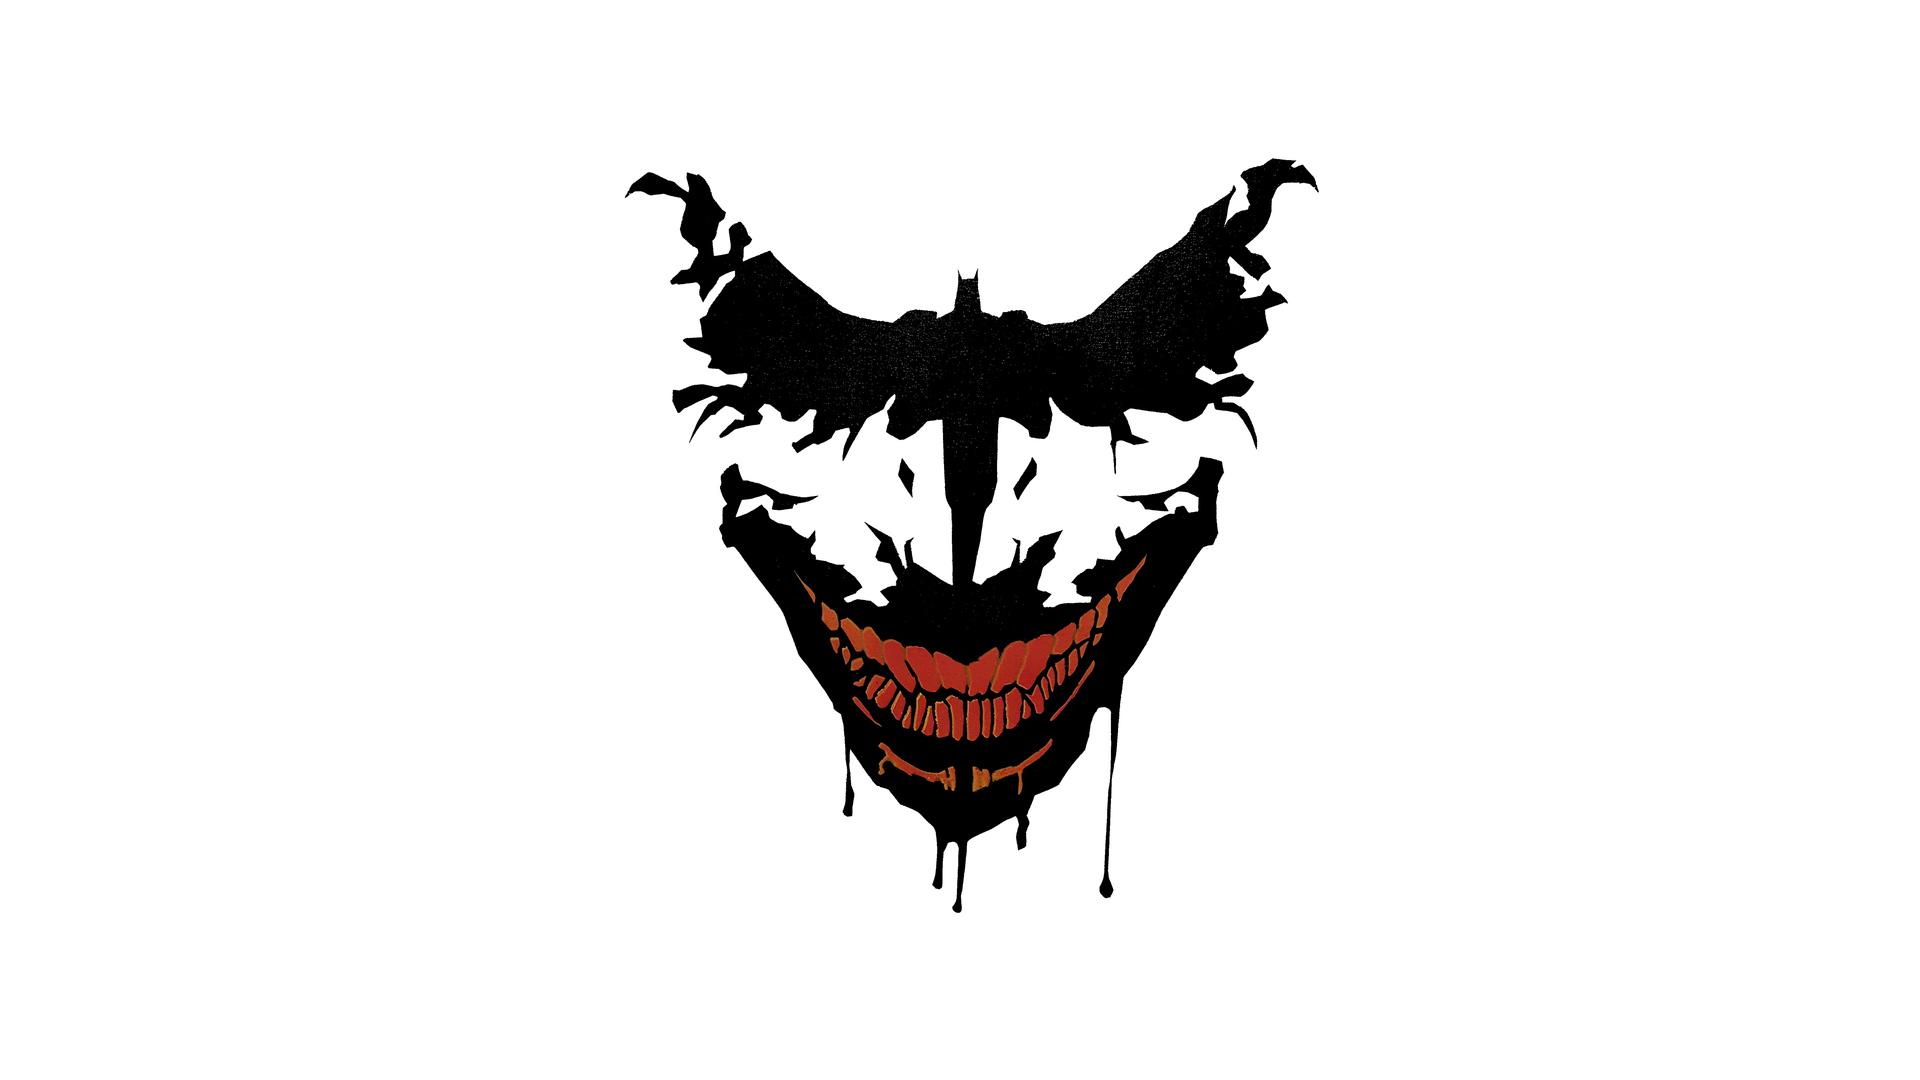 1080p Joker Black And White Wallpaper Hd White Wallpaper